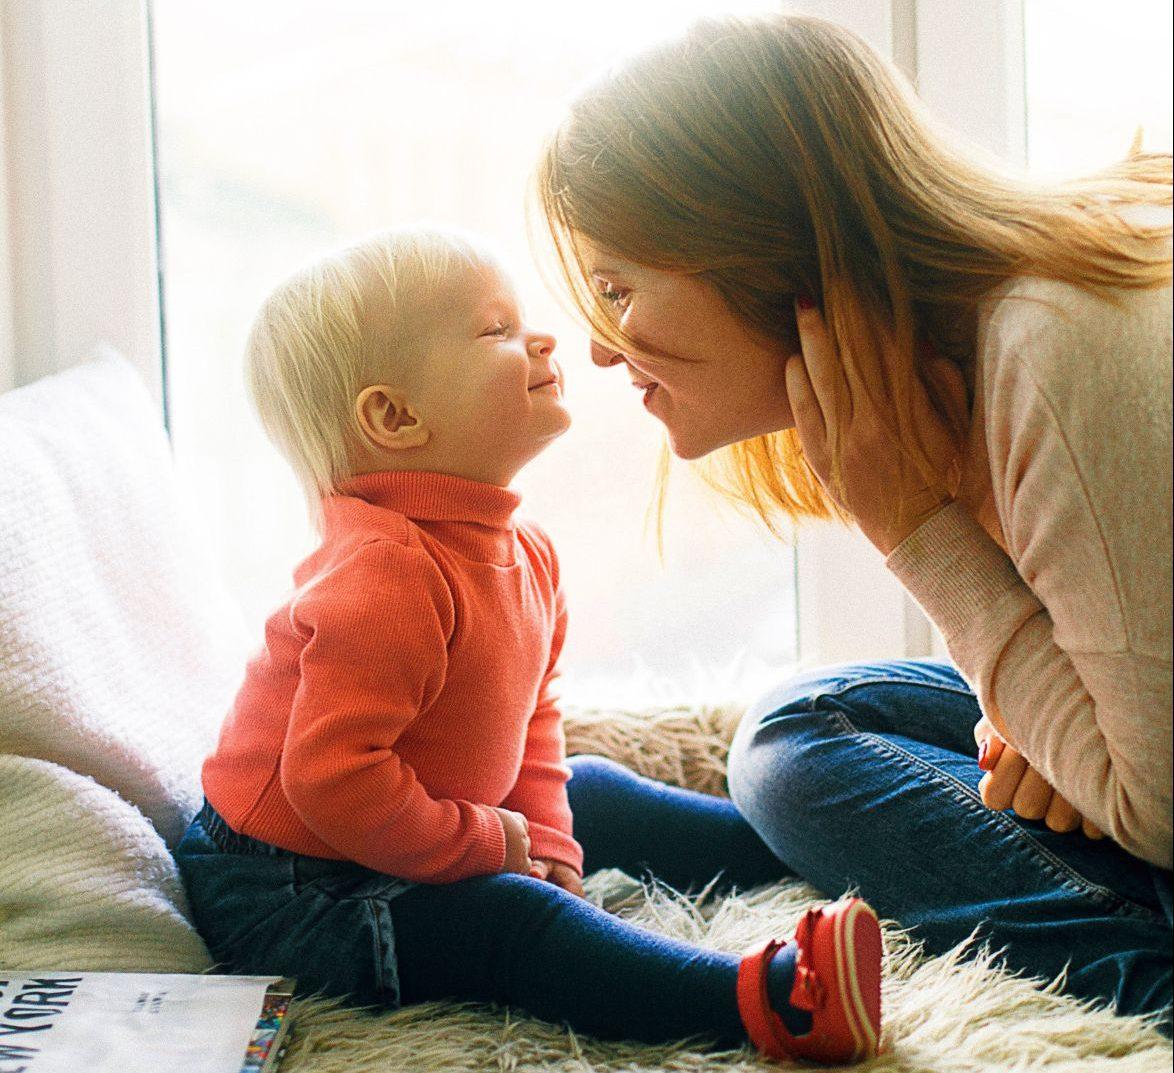 Otizm Spektrum Bozukluğu ve Konuşma Terapisi İle Güzelleşen Yaşamlar